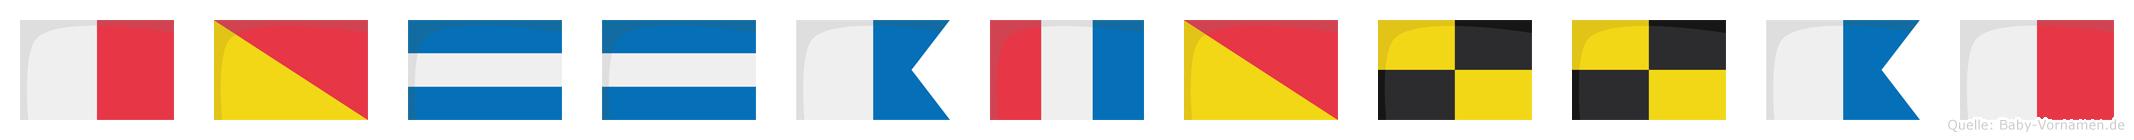 Hojjatollah im Flaggenalphabet